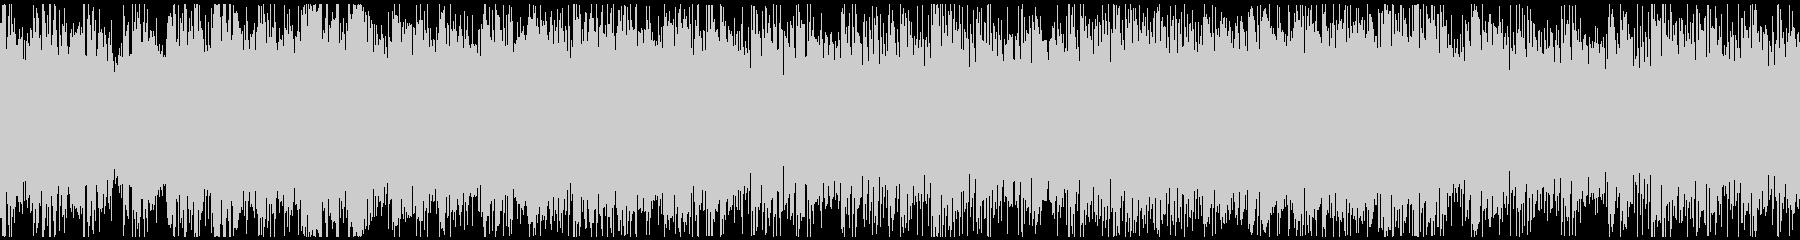 クール・さわやかなイメージのピアノハウスの未再生の波形